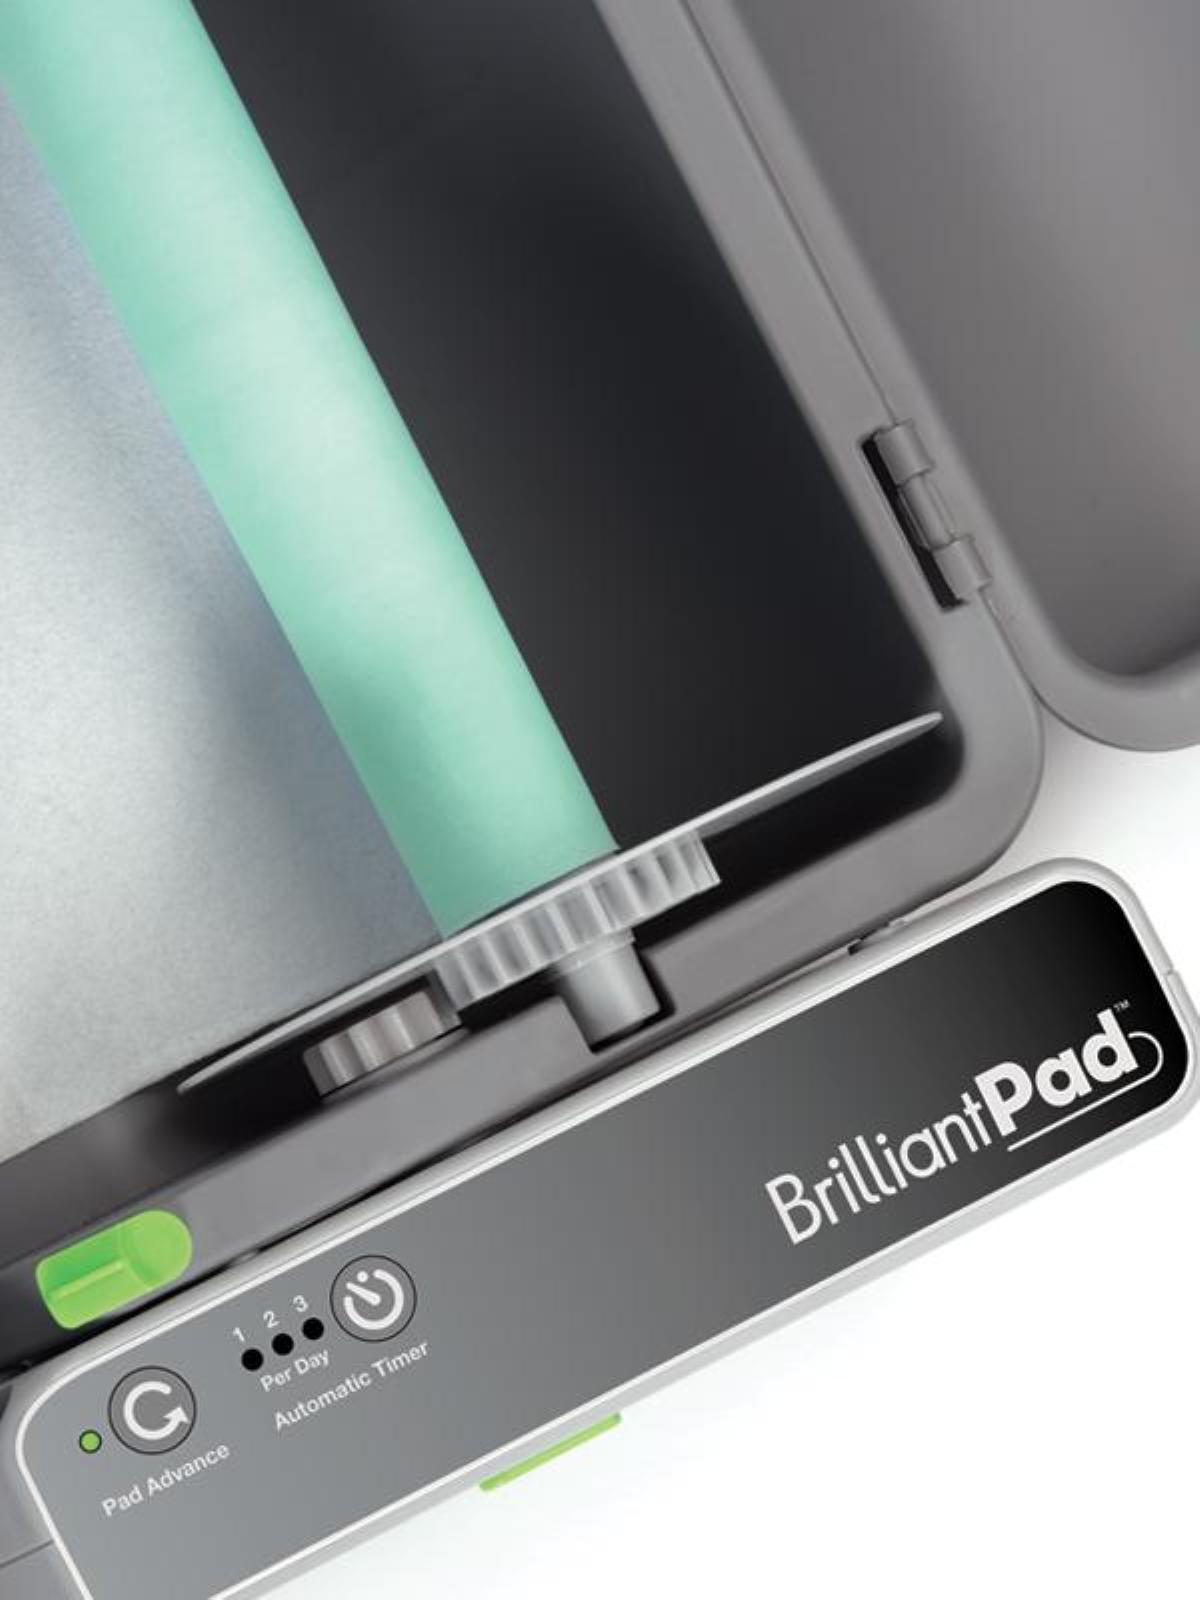 BrilliantPad 2.0 - Control Module